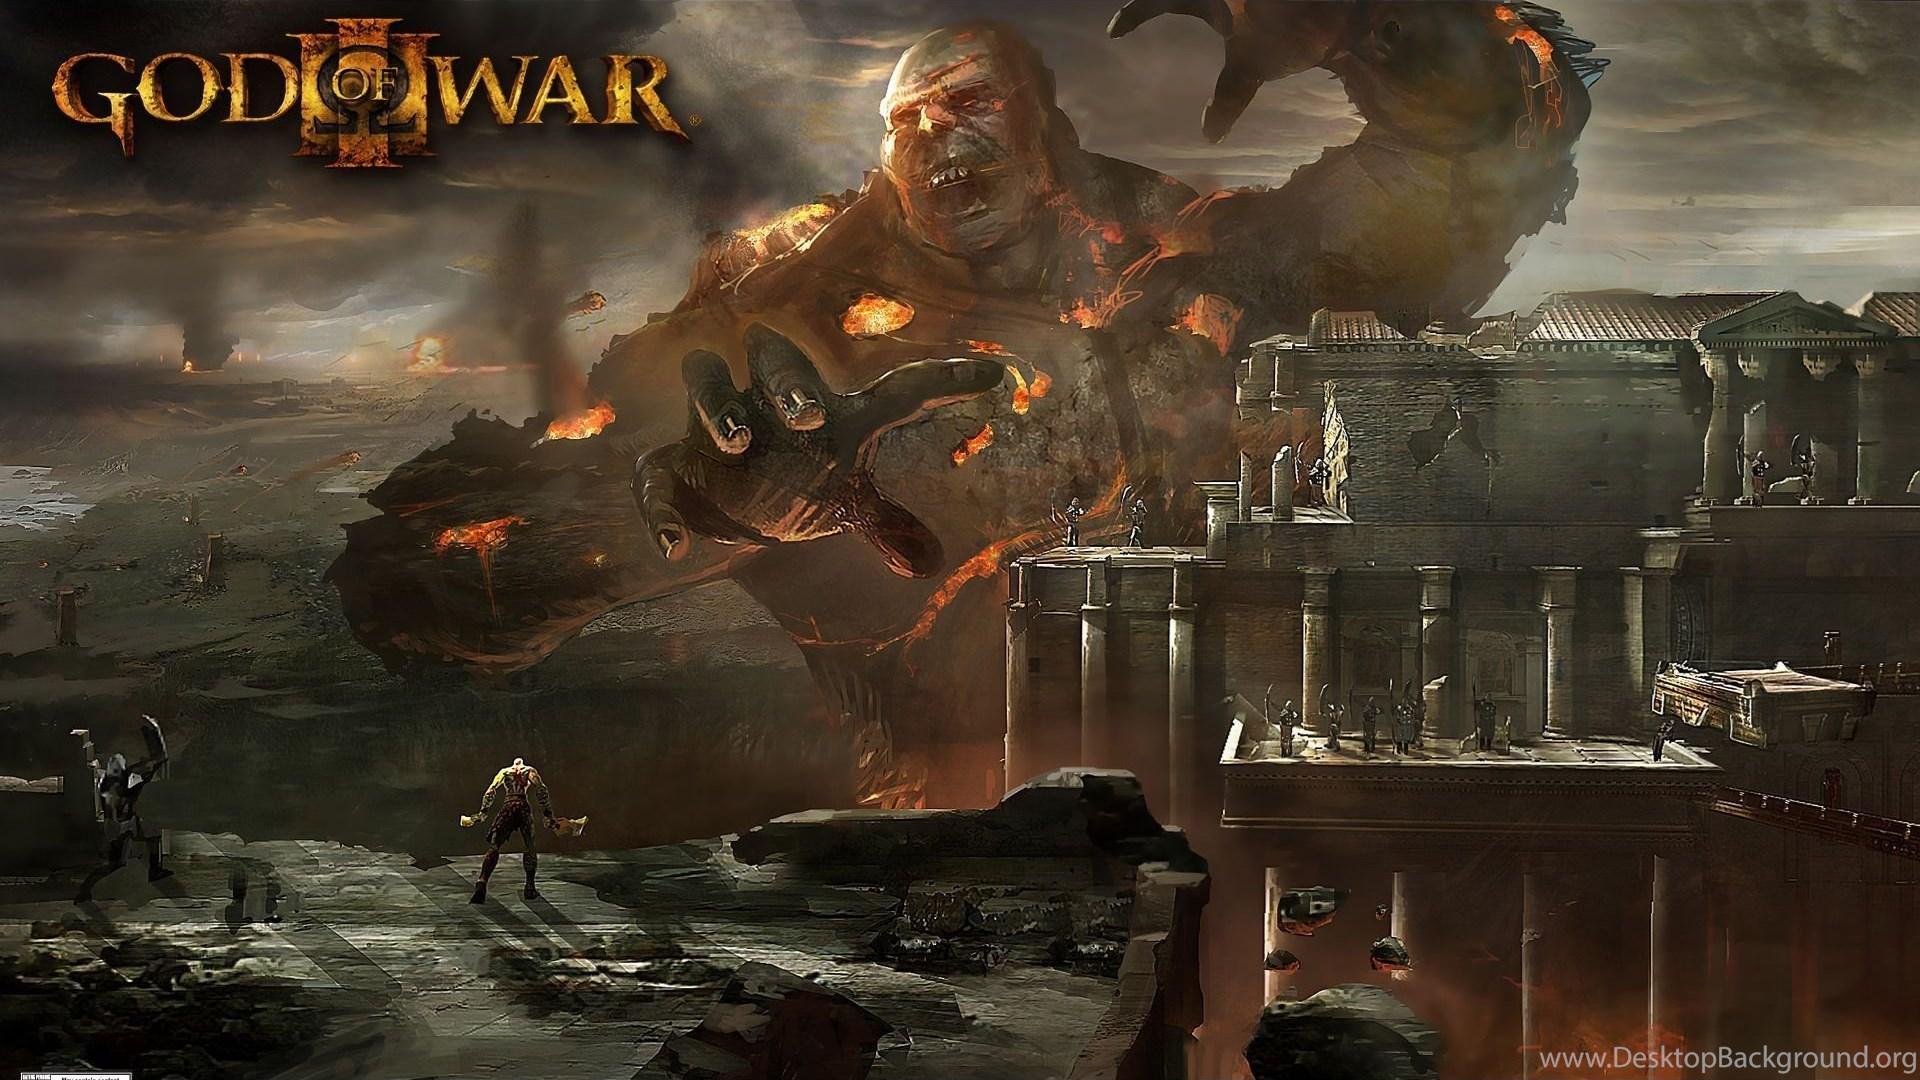 Zeus Wallpapers God Of War Hd Images New Desktop Background